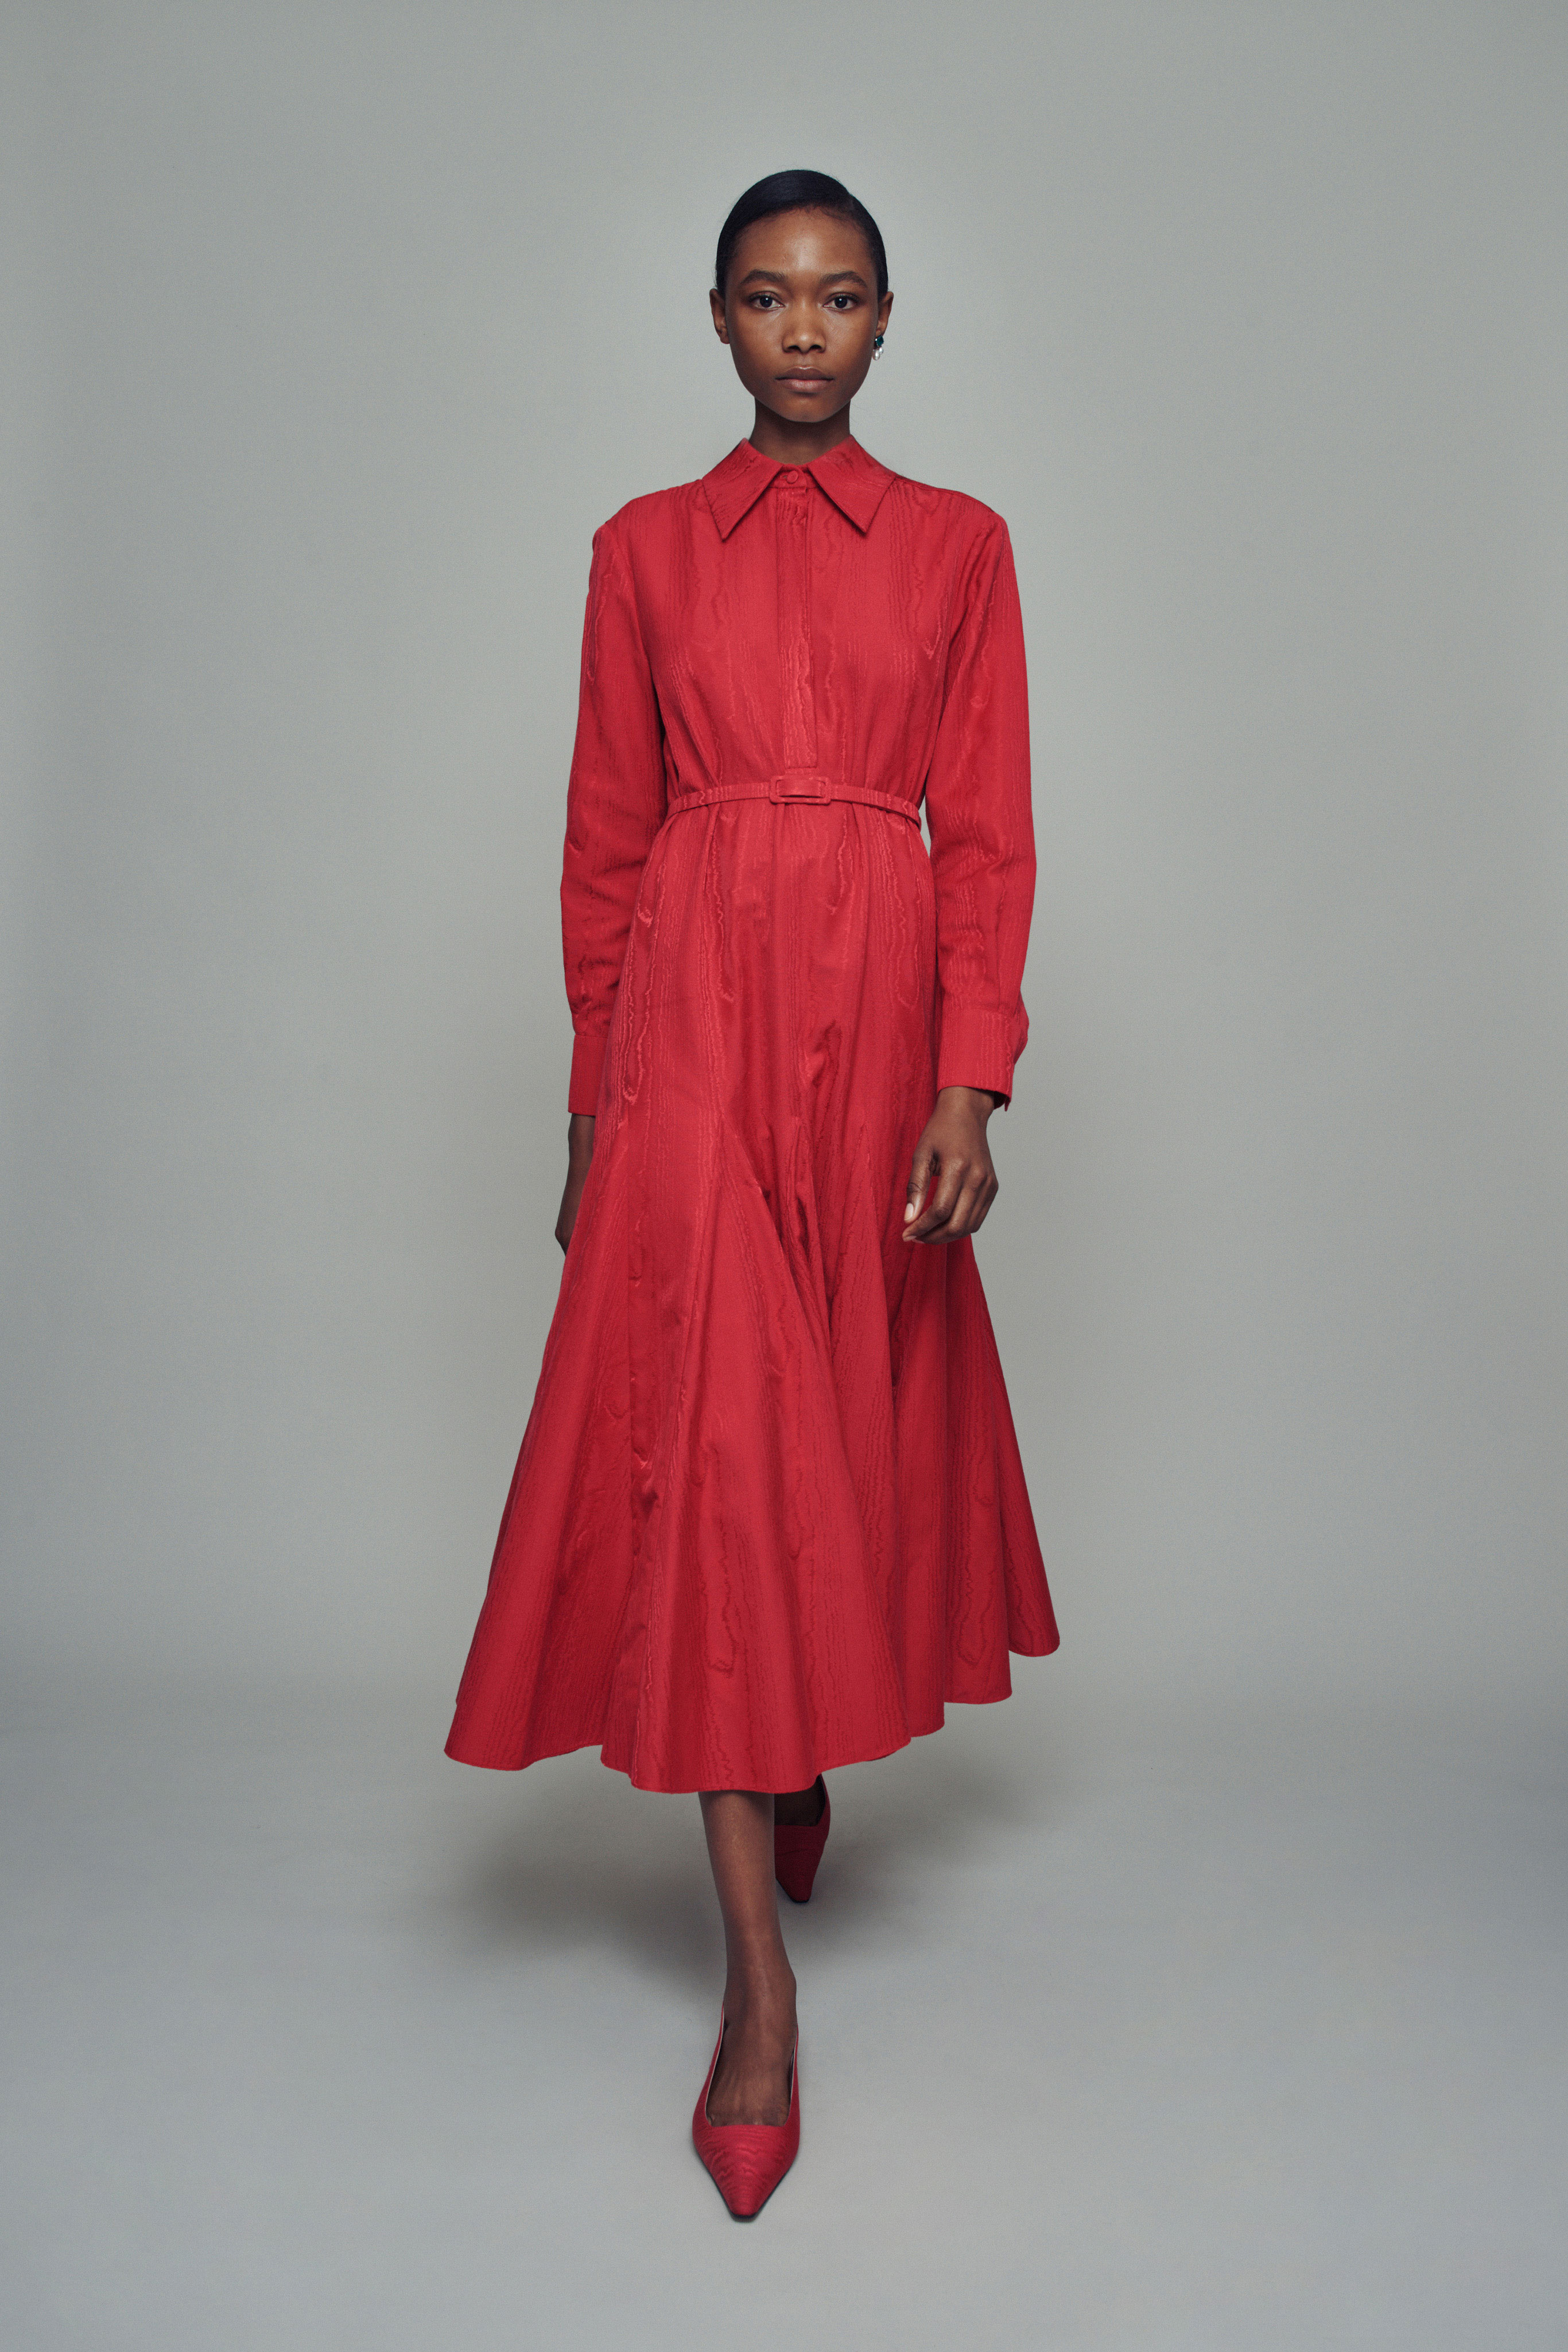 الفساتين البسيطة بالألوان الأساسية موضة بسيطة لعام 2021